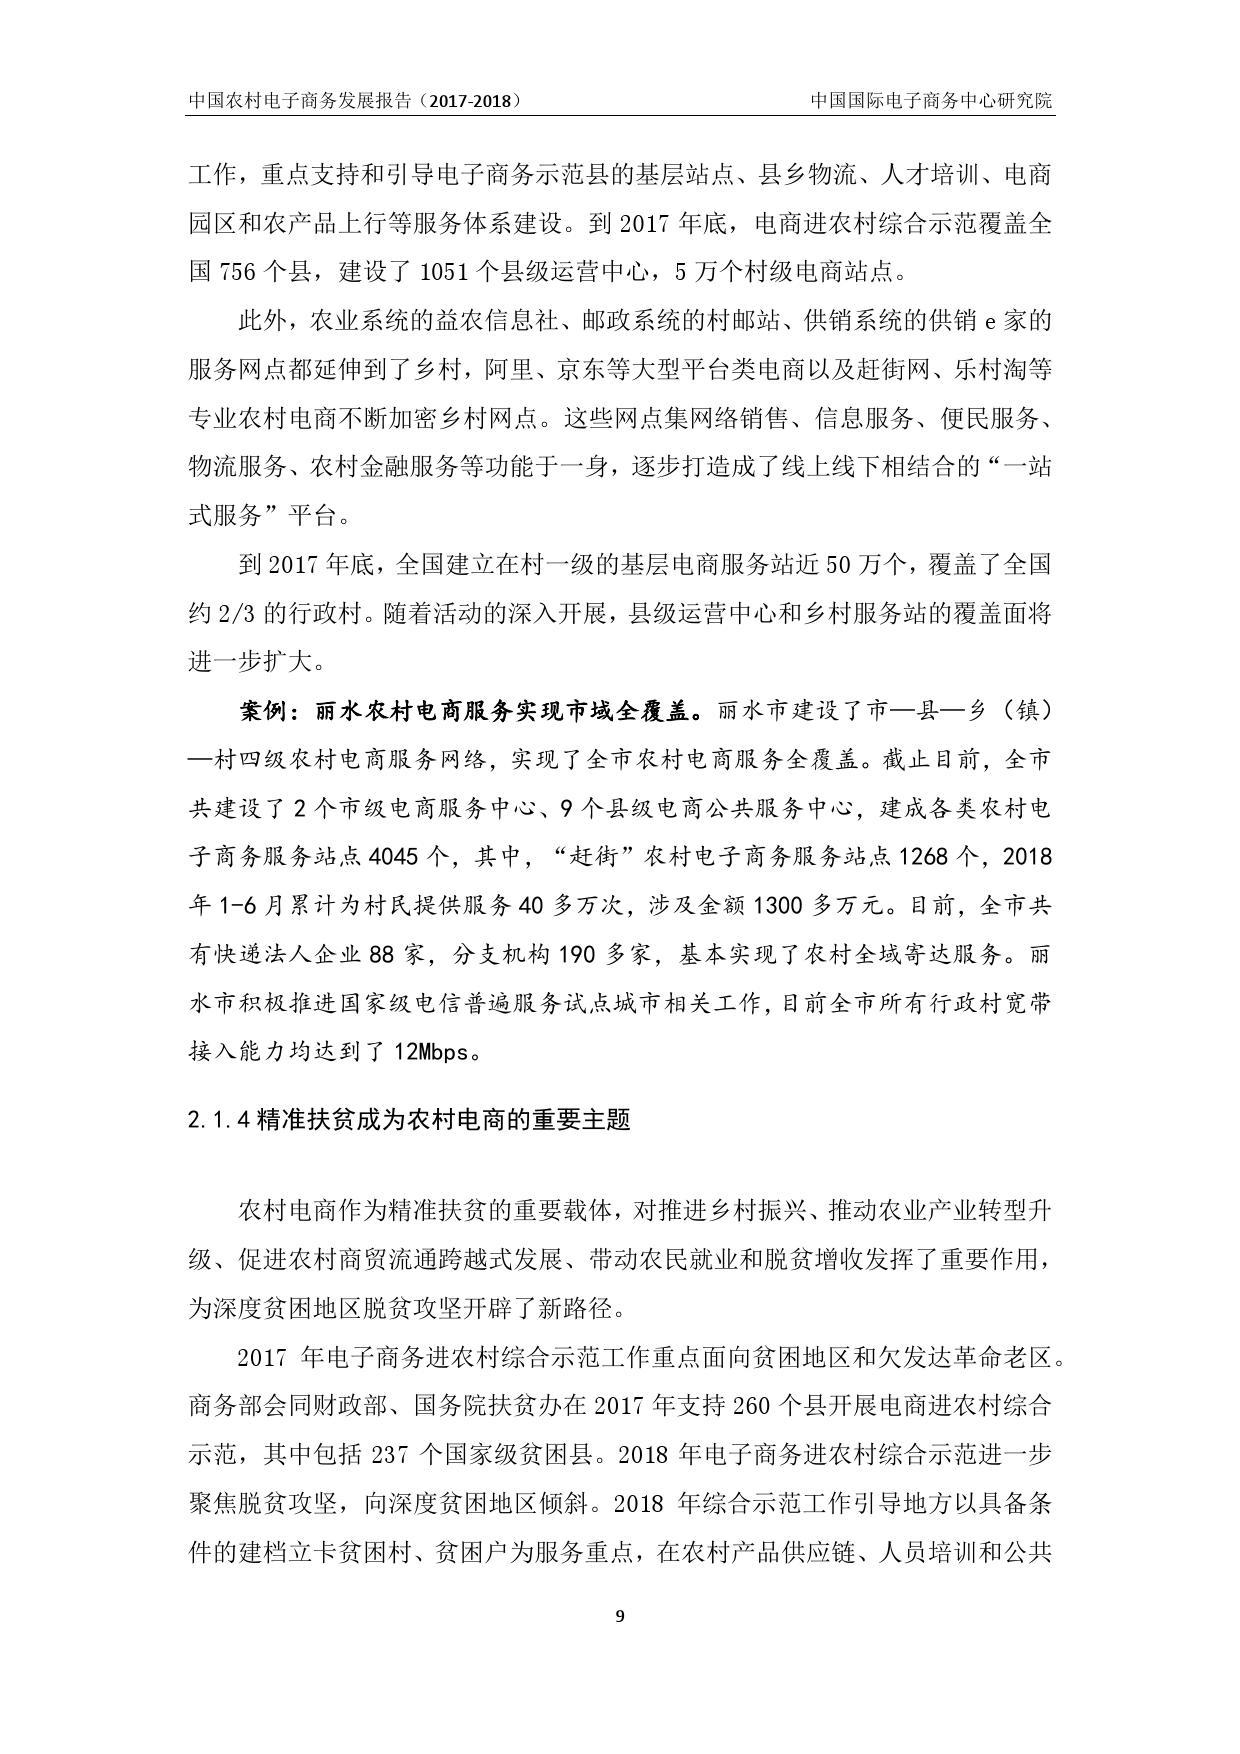 CIECC:2017-2018中国农村电子商务发展报告